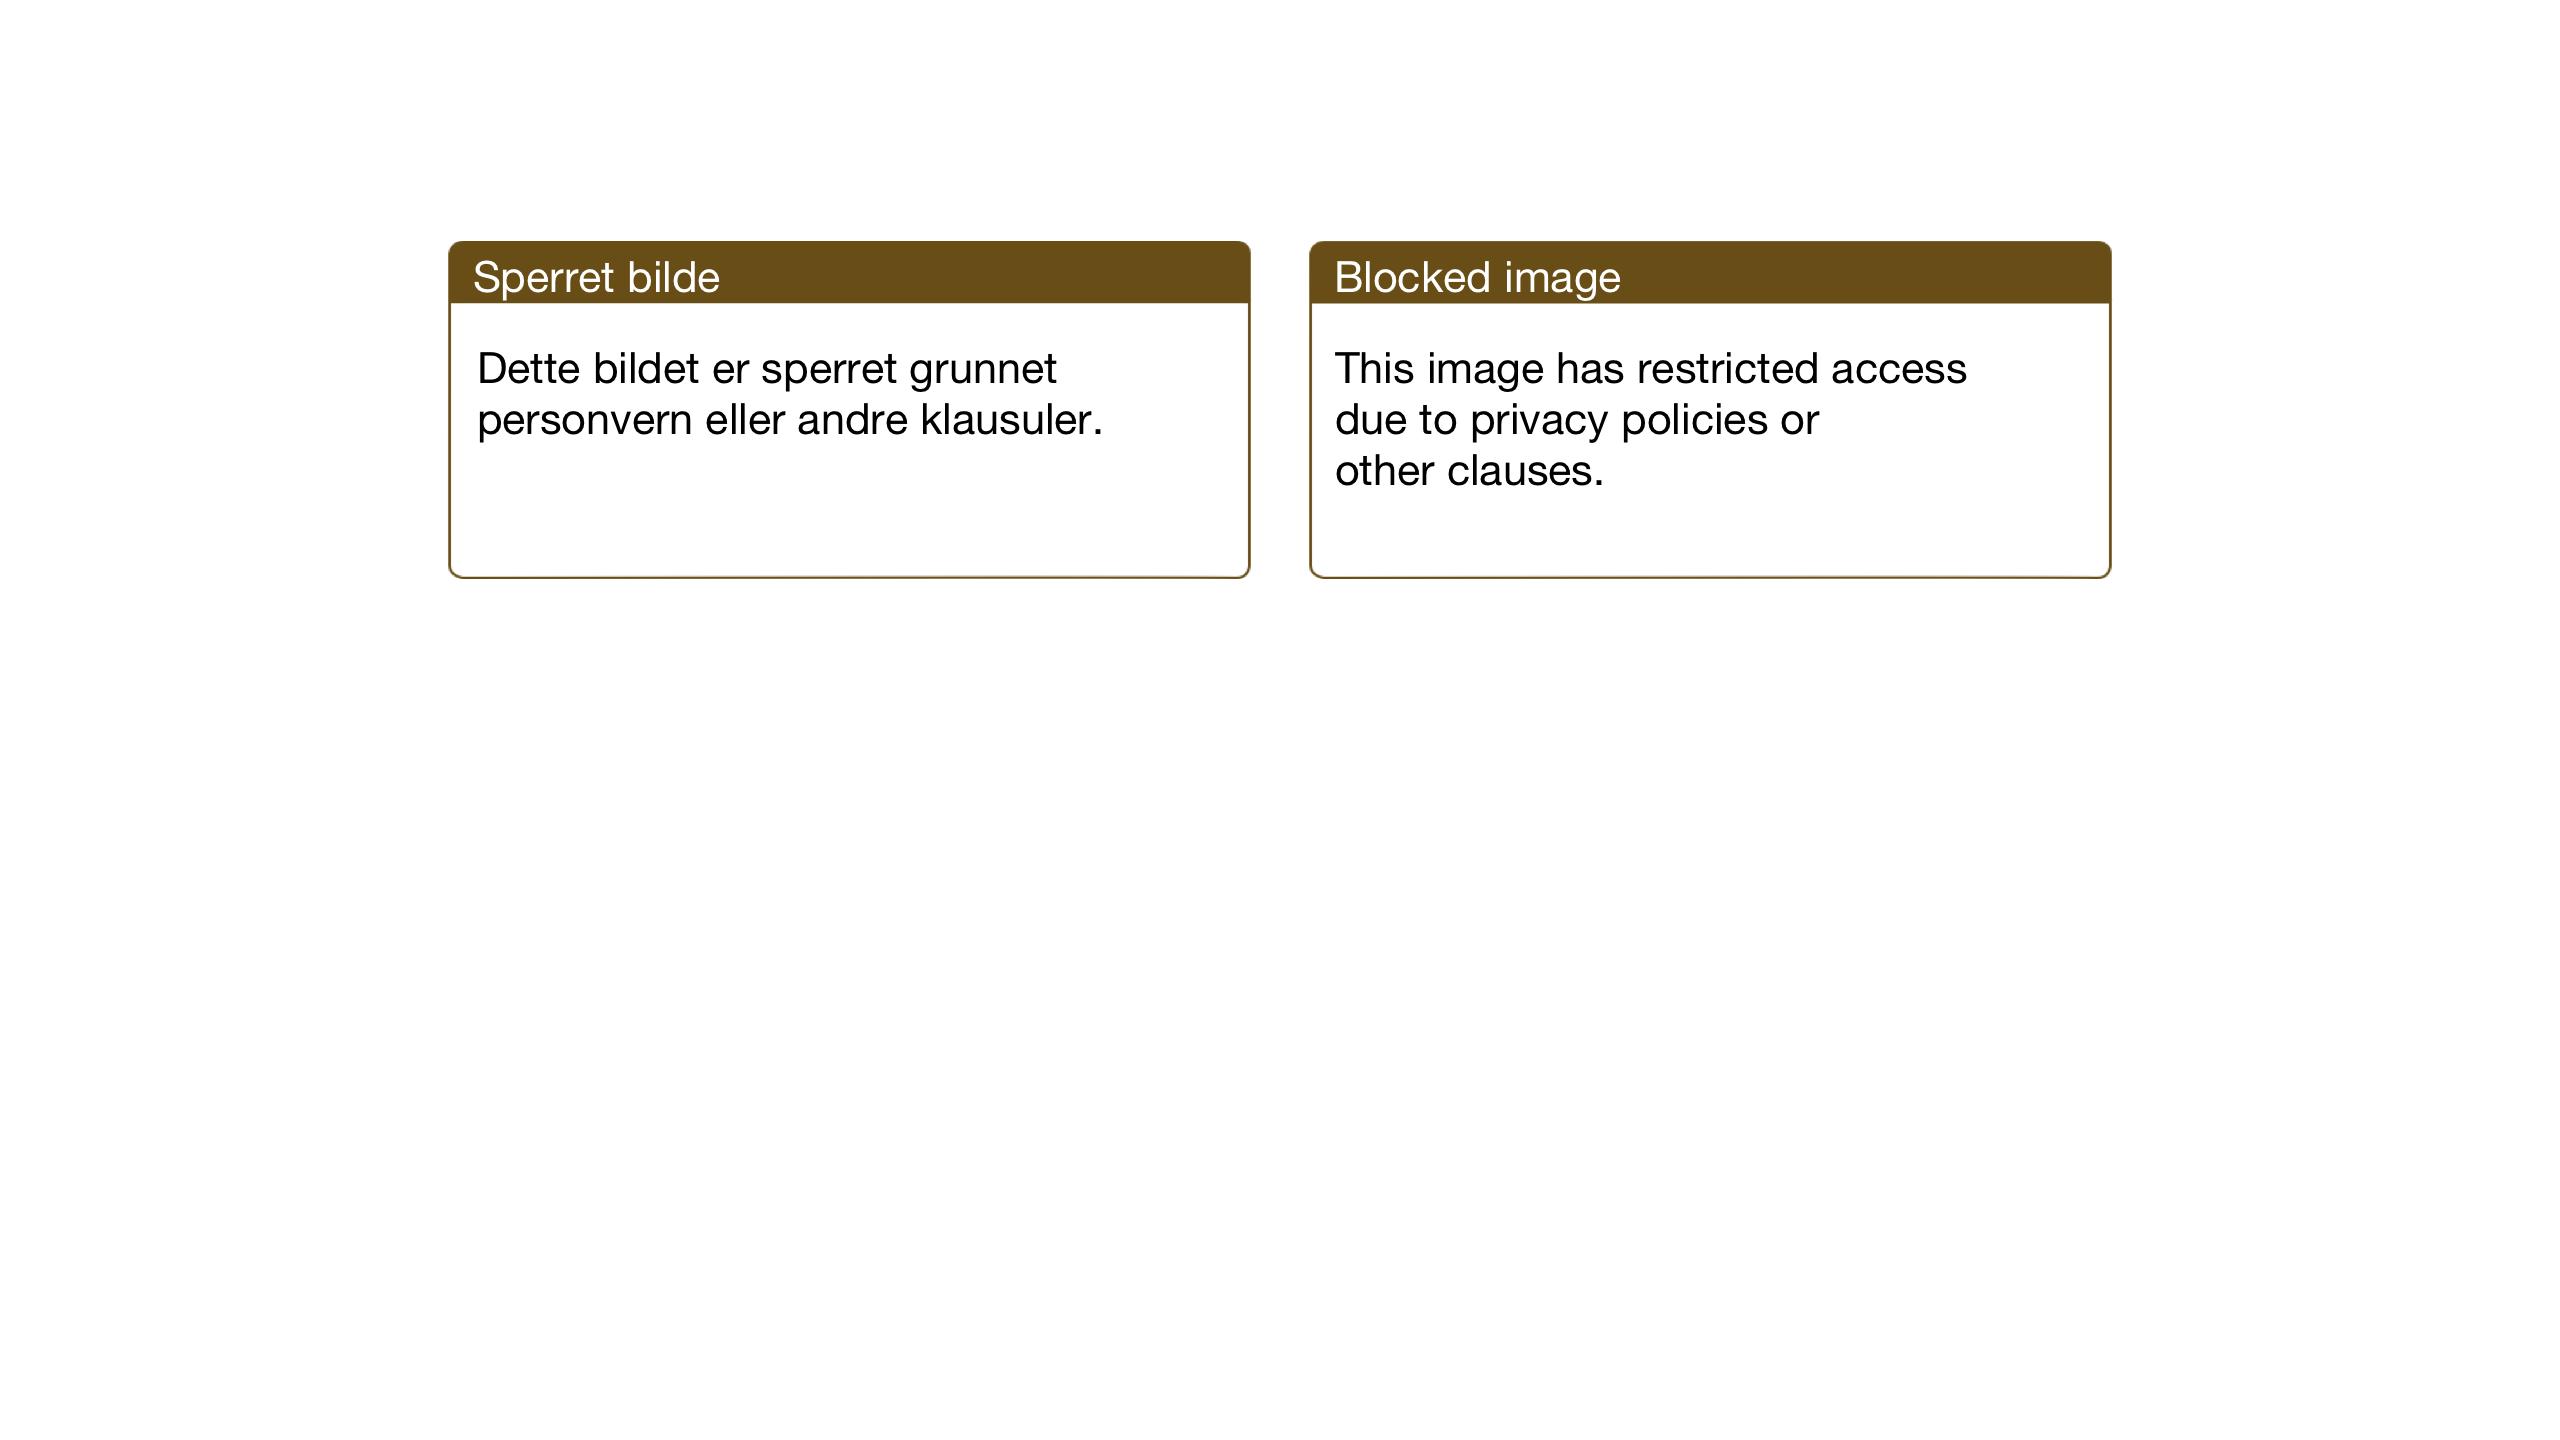 SAT, Ministerialprotokoller, klokkerbøker og fødselsregistre - Nord-Trøndelag, 744/L0425: Klokkerbok nr. 744C04, 1924-1947, s. 38